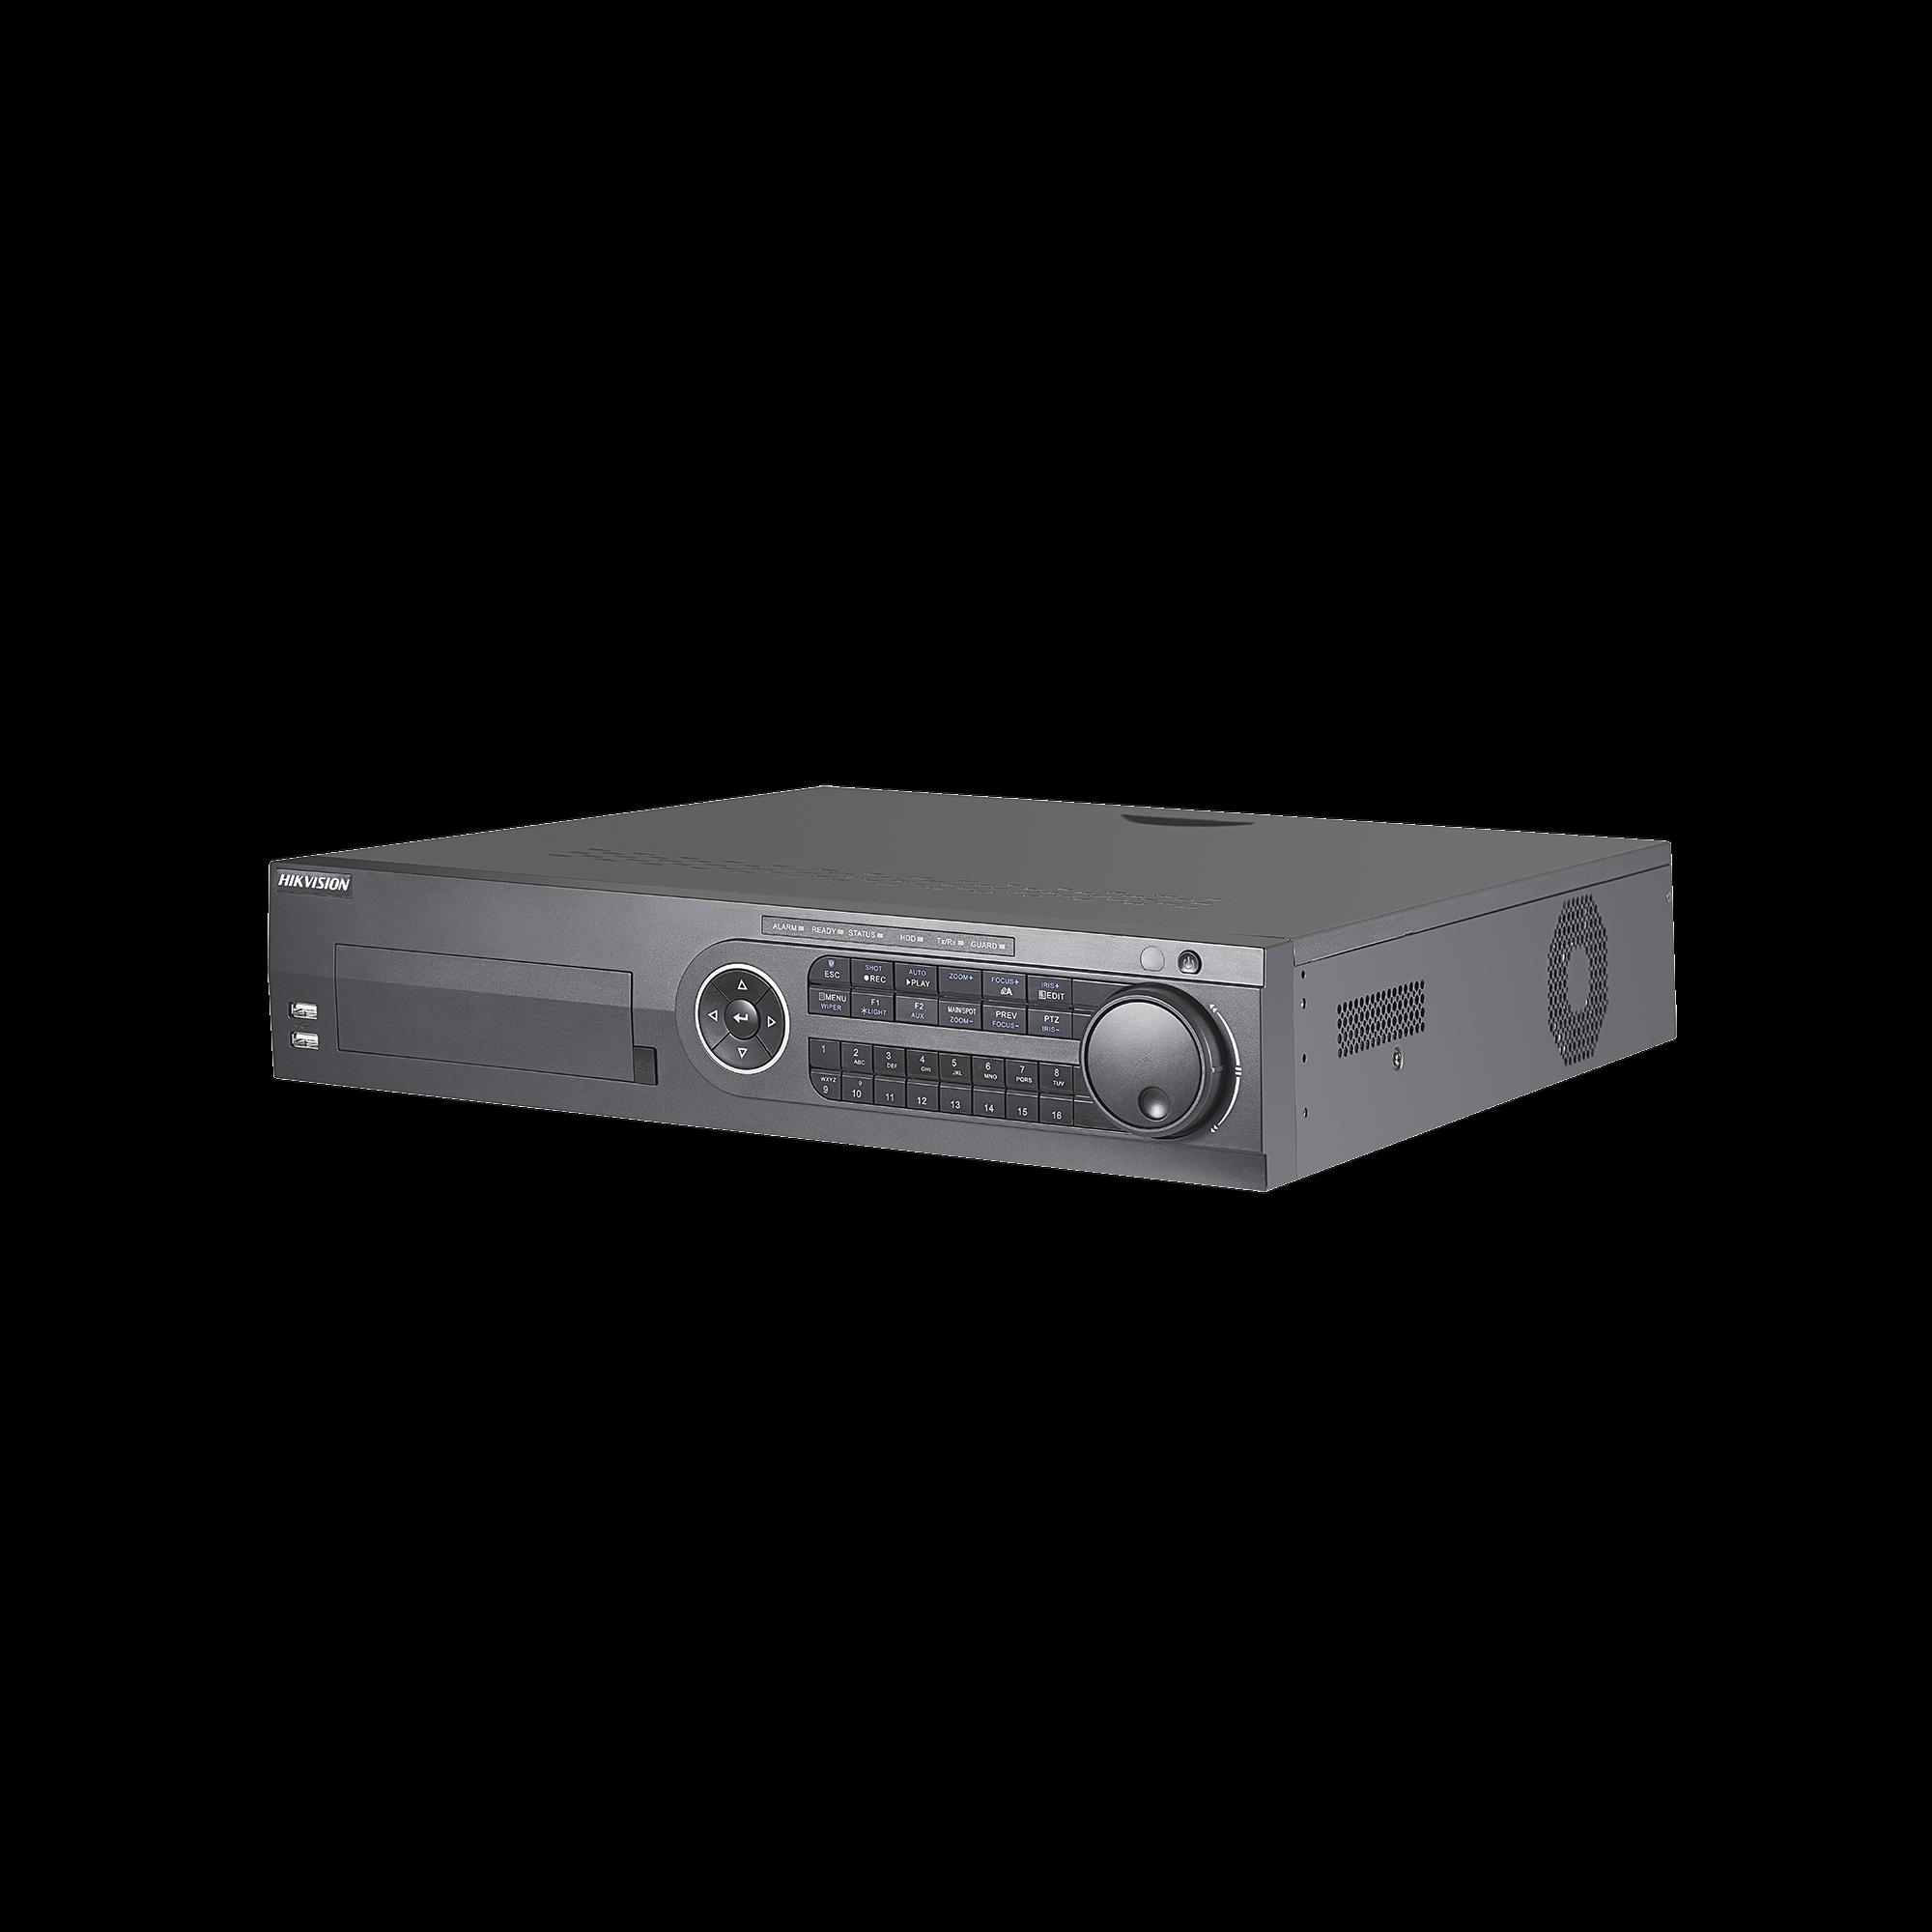 DVR 8 Megapixel / 32 Canales TURBOHD + 16 Canales IP / 8 Bahias de Disco Duro / Arreglo RAID / 16 canales de Audio / 16 Entradas de Alarma